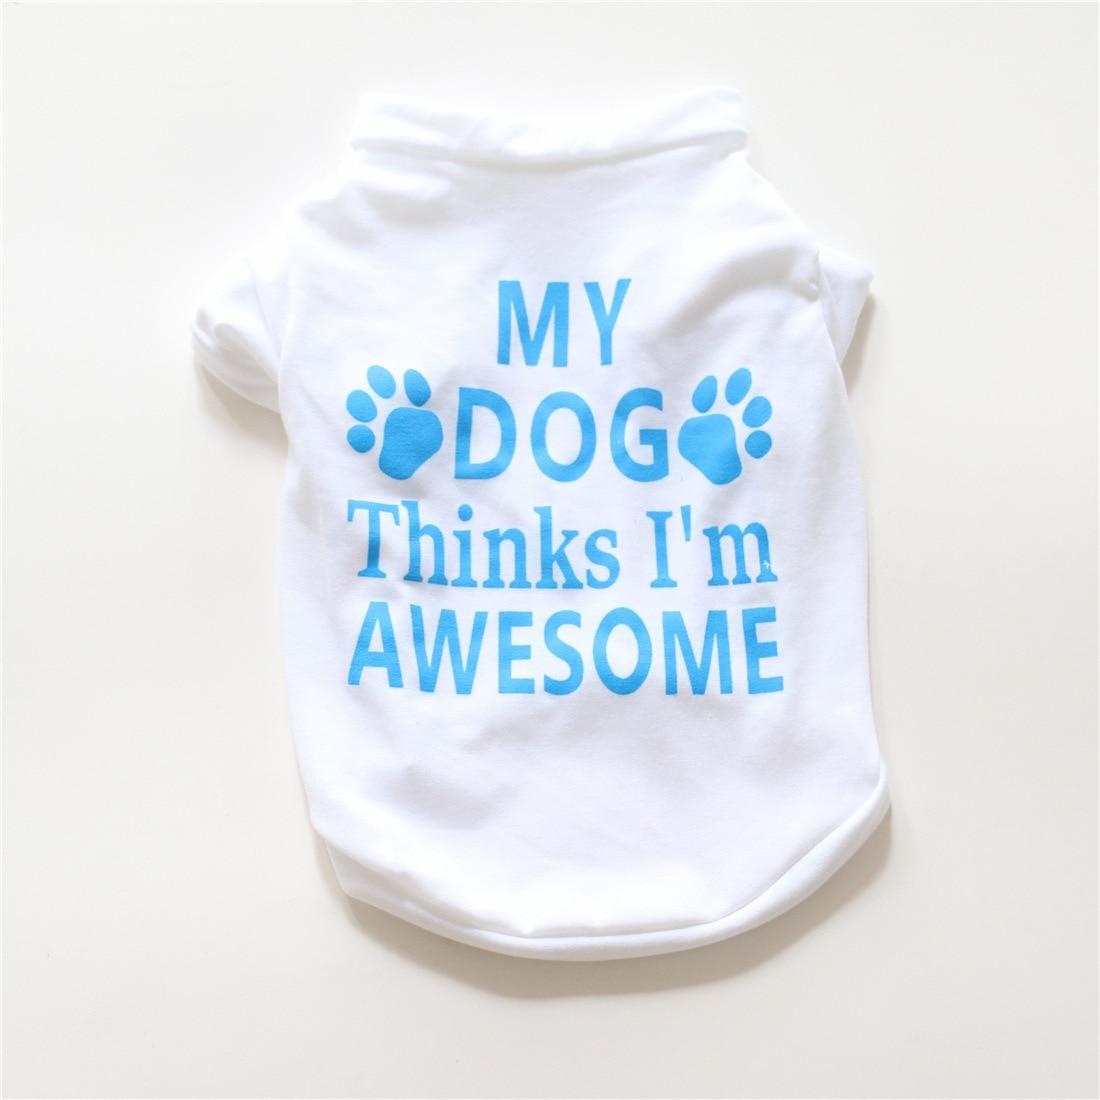 Футболка для домашних животных, удобная дышащая одежда для собак-питомцев, жилет, футболка, одежда для собак, кошек, летние рубашки, повседневные жилеты для чихуахуа - Цвет: white